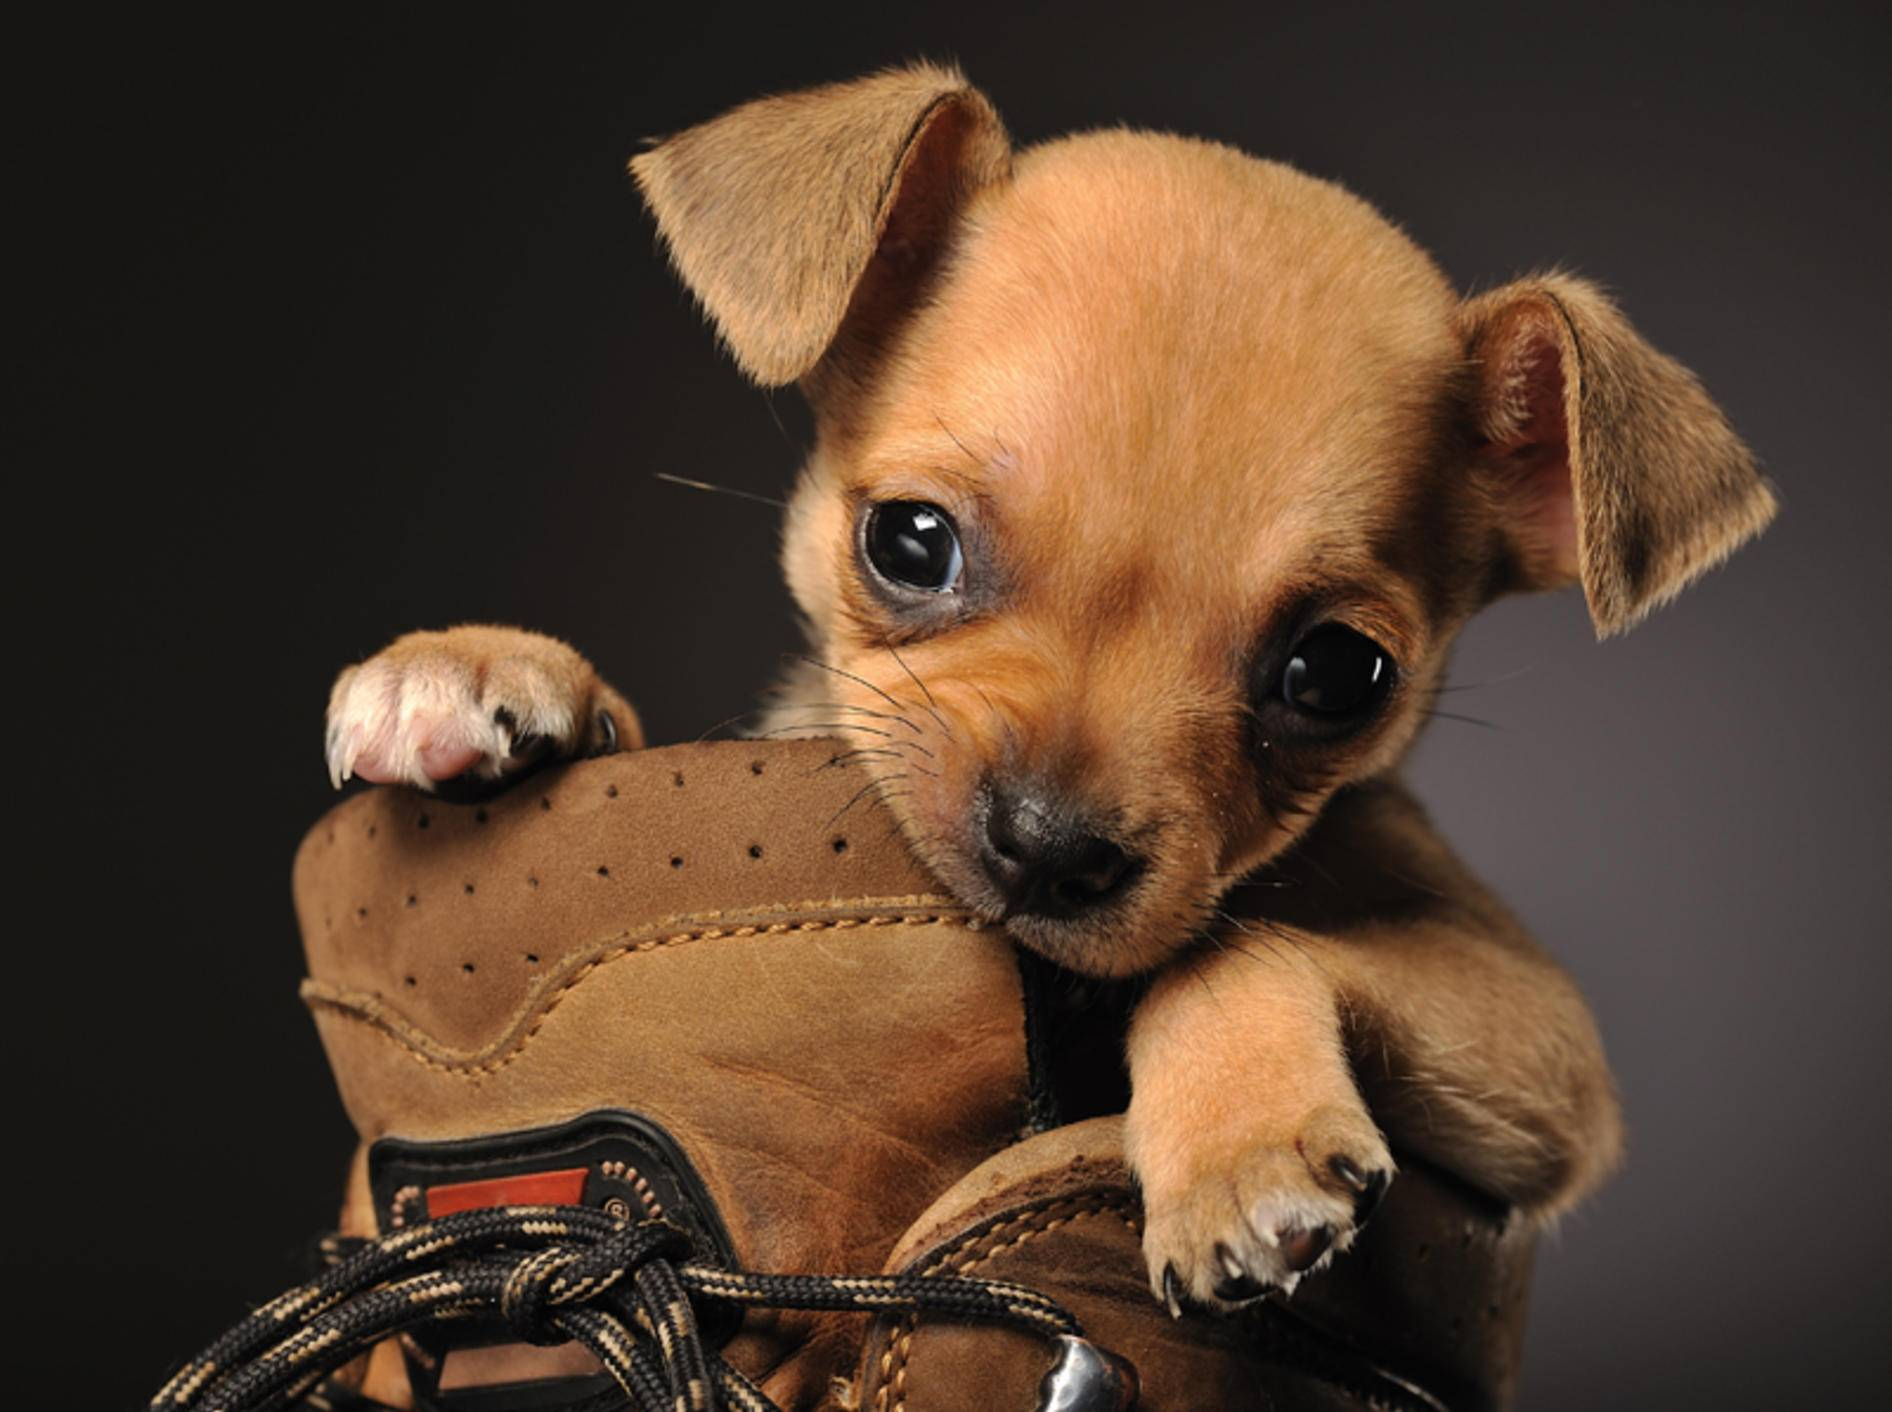 Dieser süße Chihuahua-Welpe wollte unbedingt wissen, was in dem Schuh ist... – Bild: Shutterstock / Nadezhda V. Kulagina